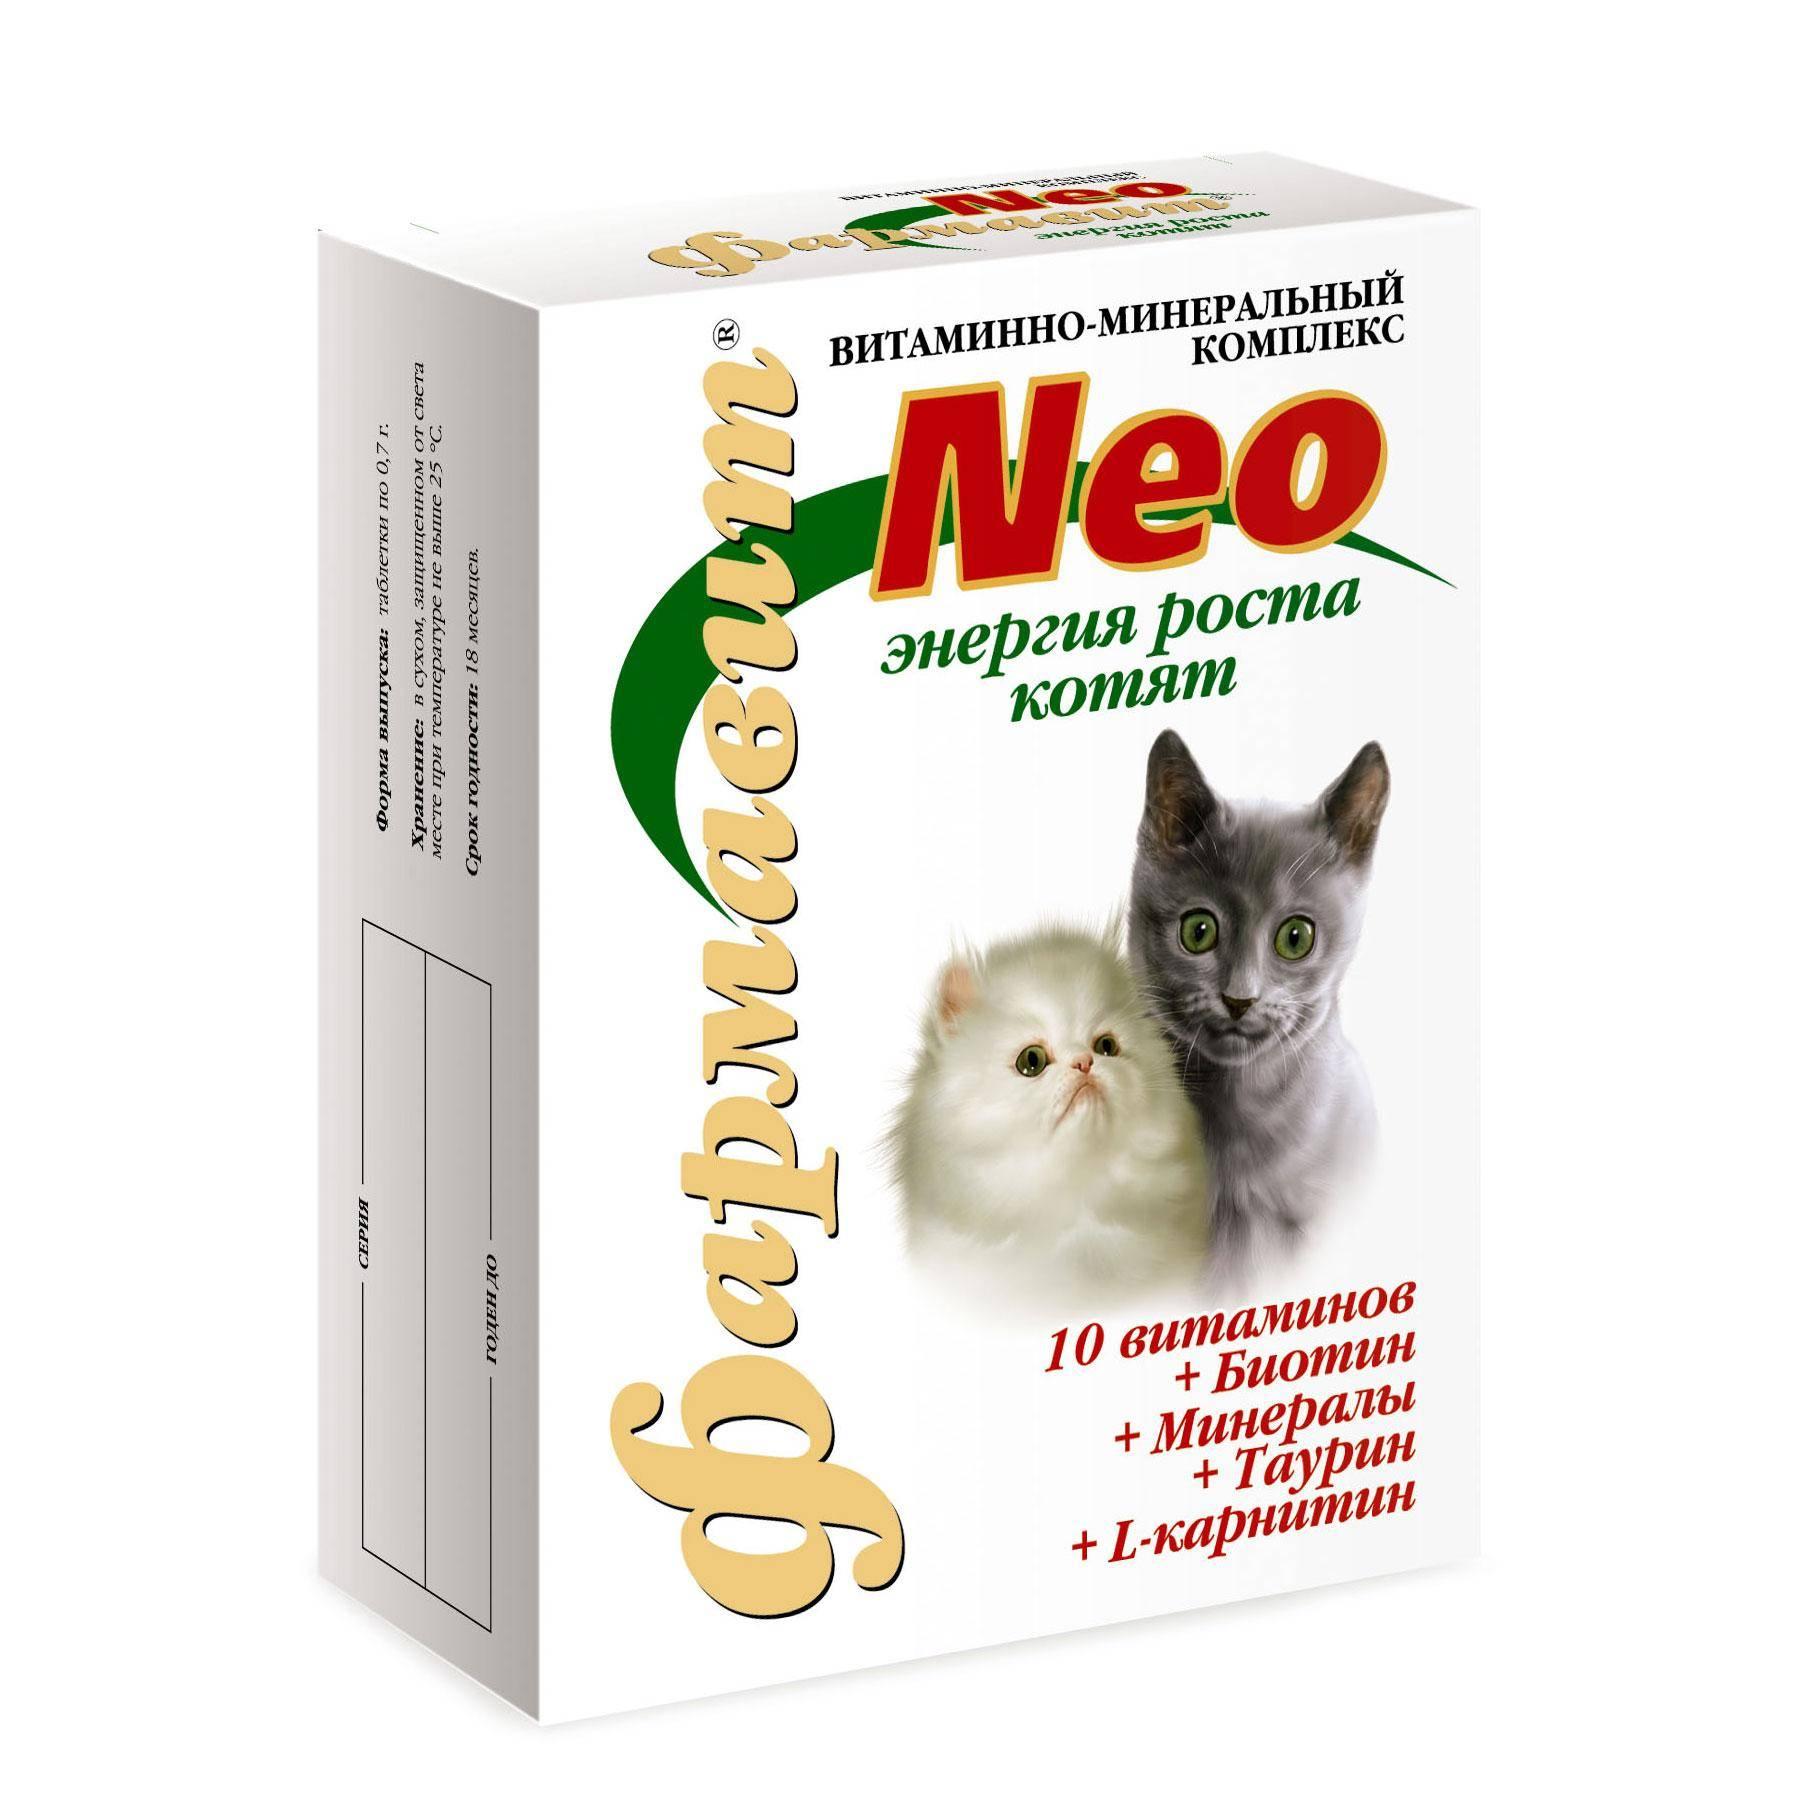 Витамины для кошек с кальцием - виды медикаментов с описанием и дозировкой